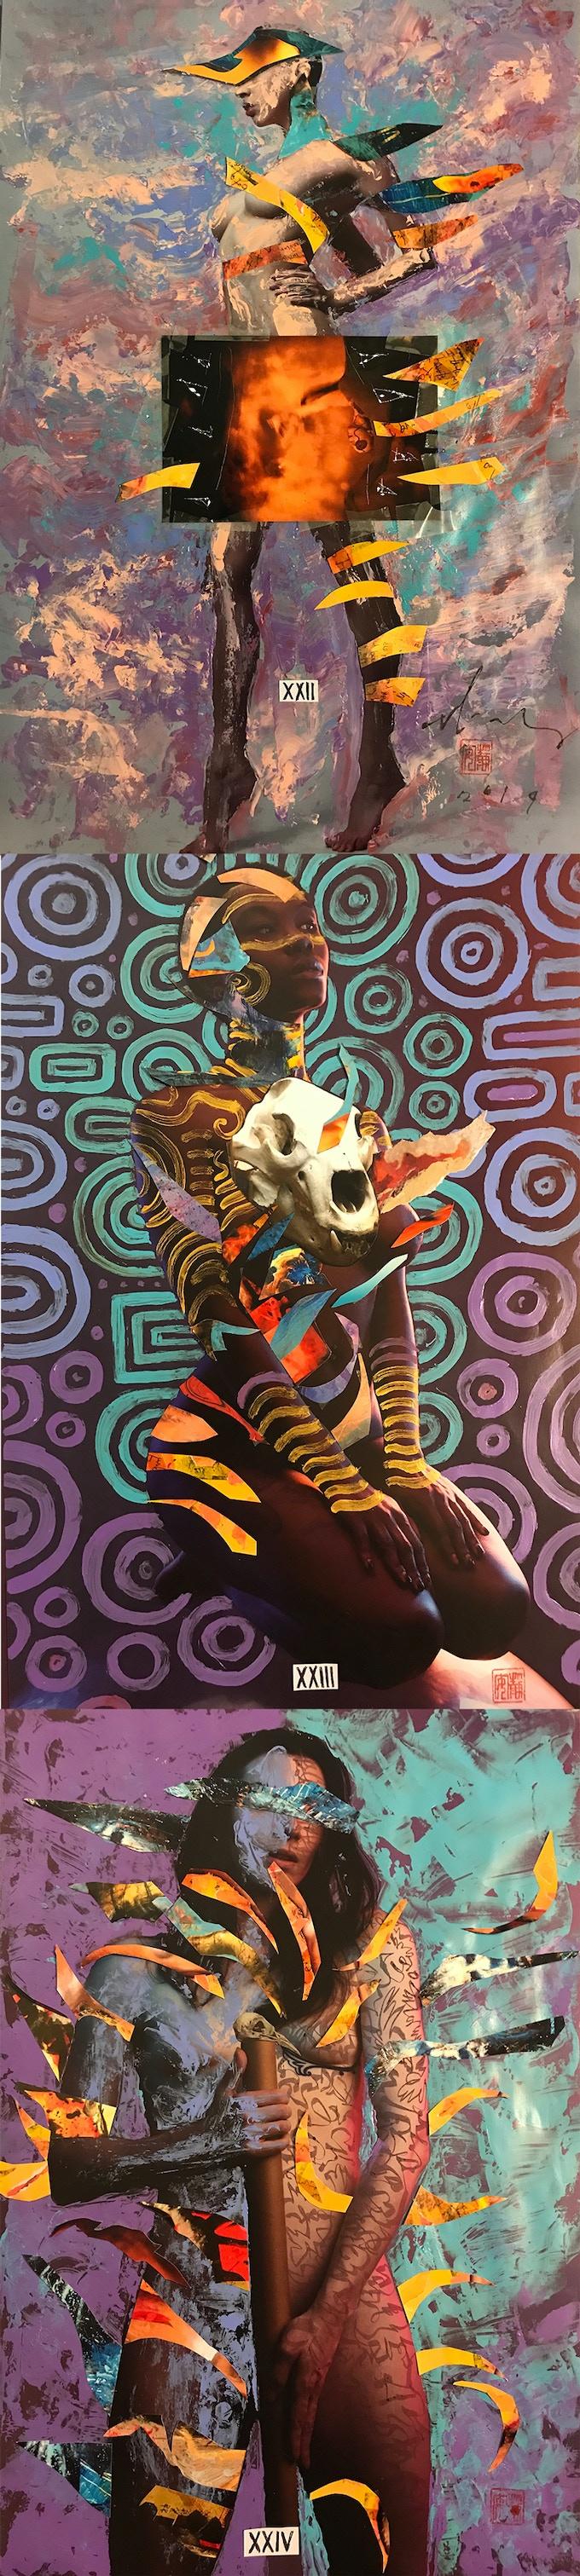 $1200 reward  - David Mack original art XXII Kitty Malone, XXIII Eirenne SG, XXIV Stoya